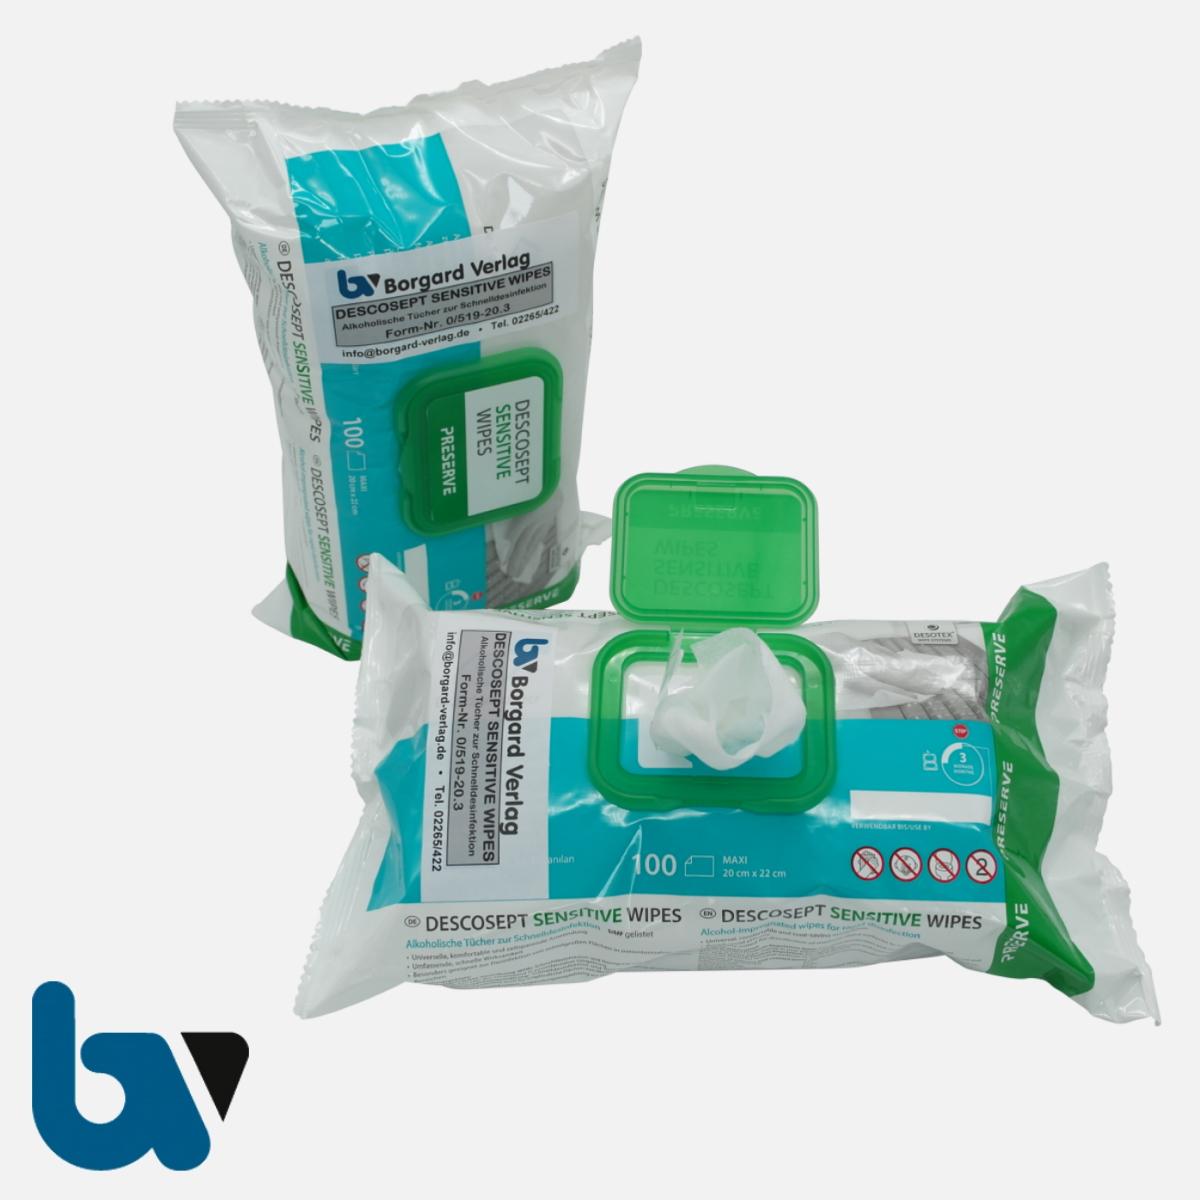 0/519-20.3 Descosept Sensitive Wipes Desinfektion Alkohol schnell Tuecher Spender Packung antibakteriell Oberflächen 100 Stück